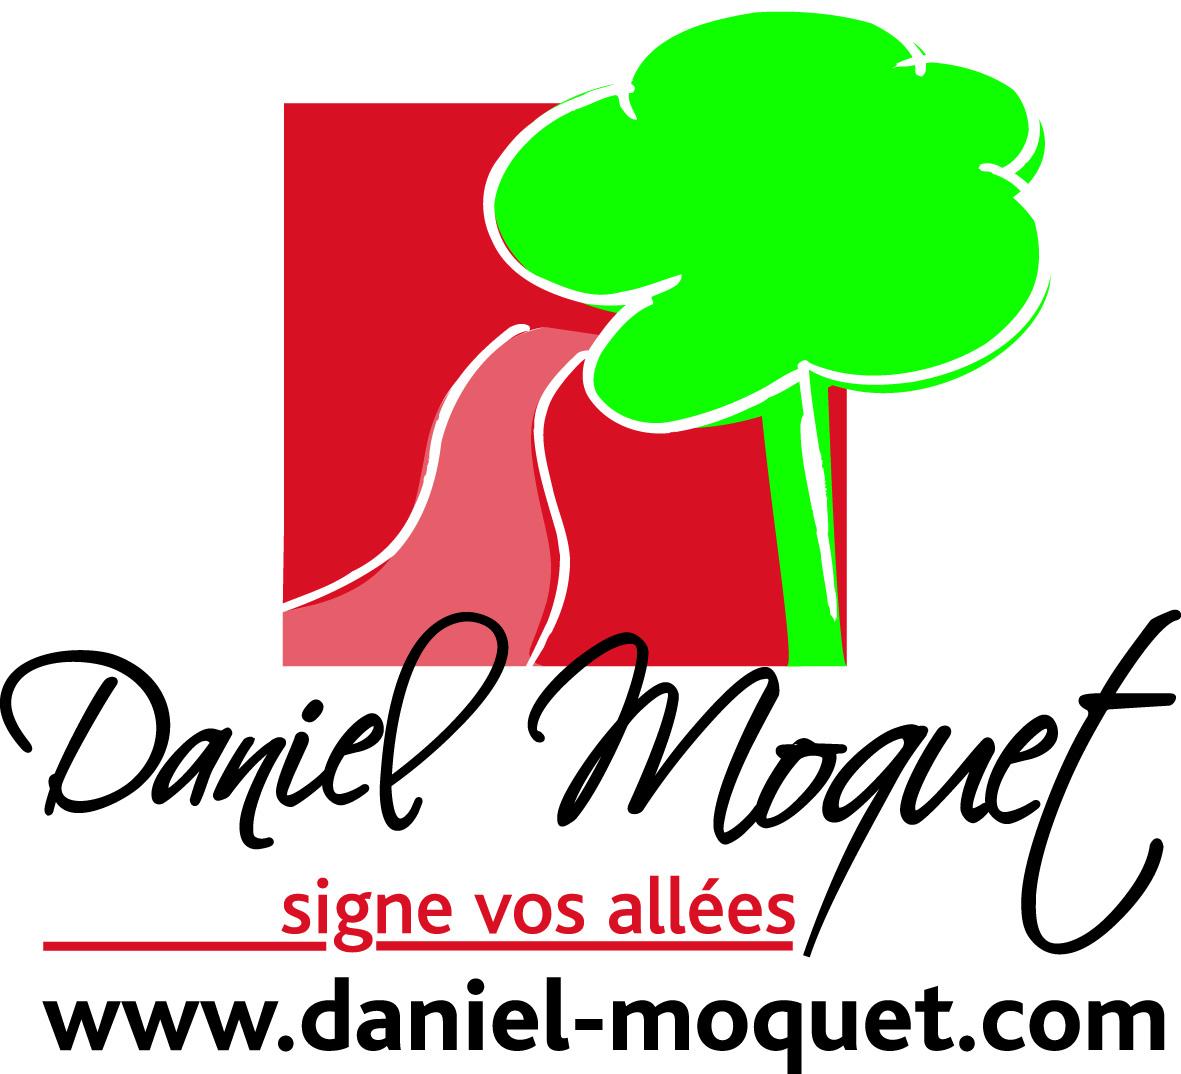 Daniel Moquet signe vos allées - Ent. Lepetit